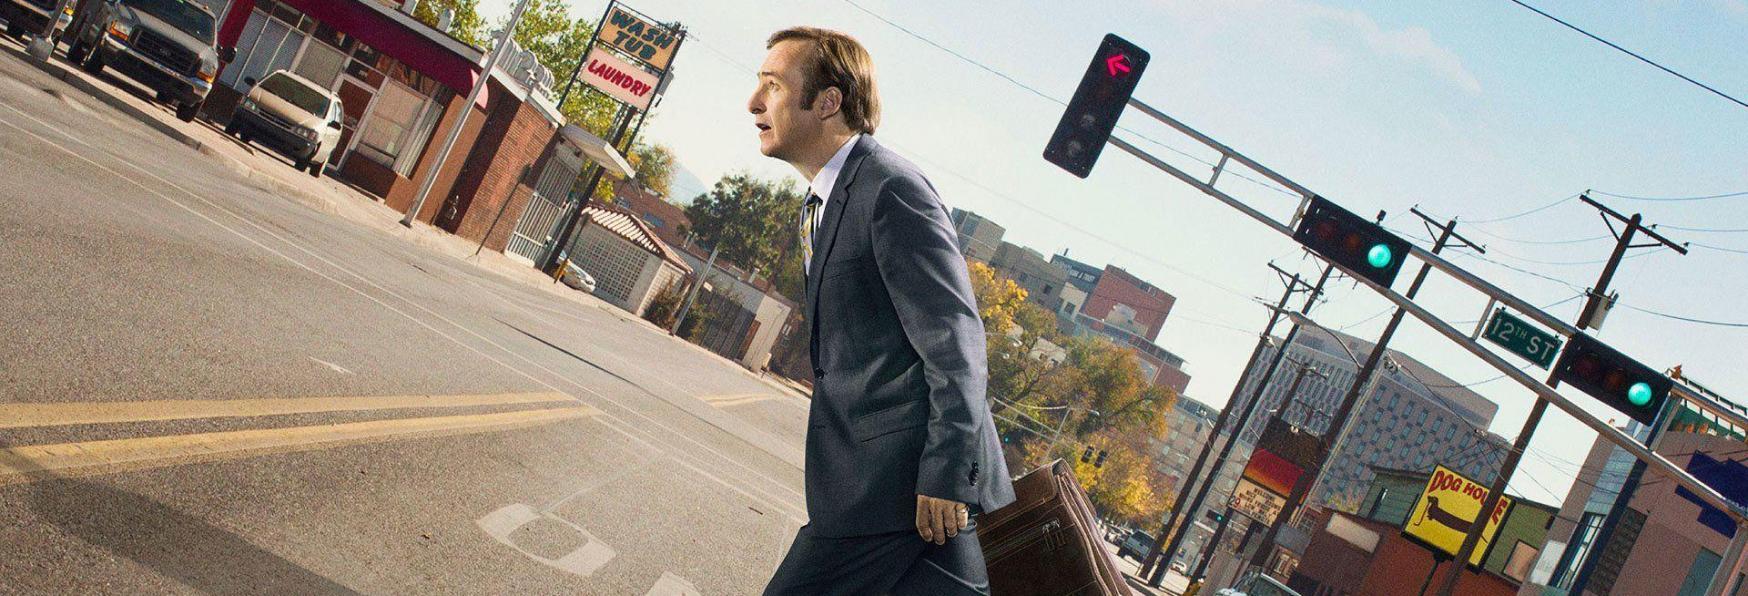 Better Call Saul: annunciata la Data di Uscita della 5° Stagione della Serie TV Netflix